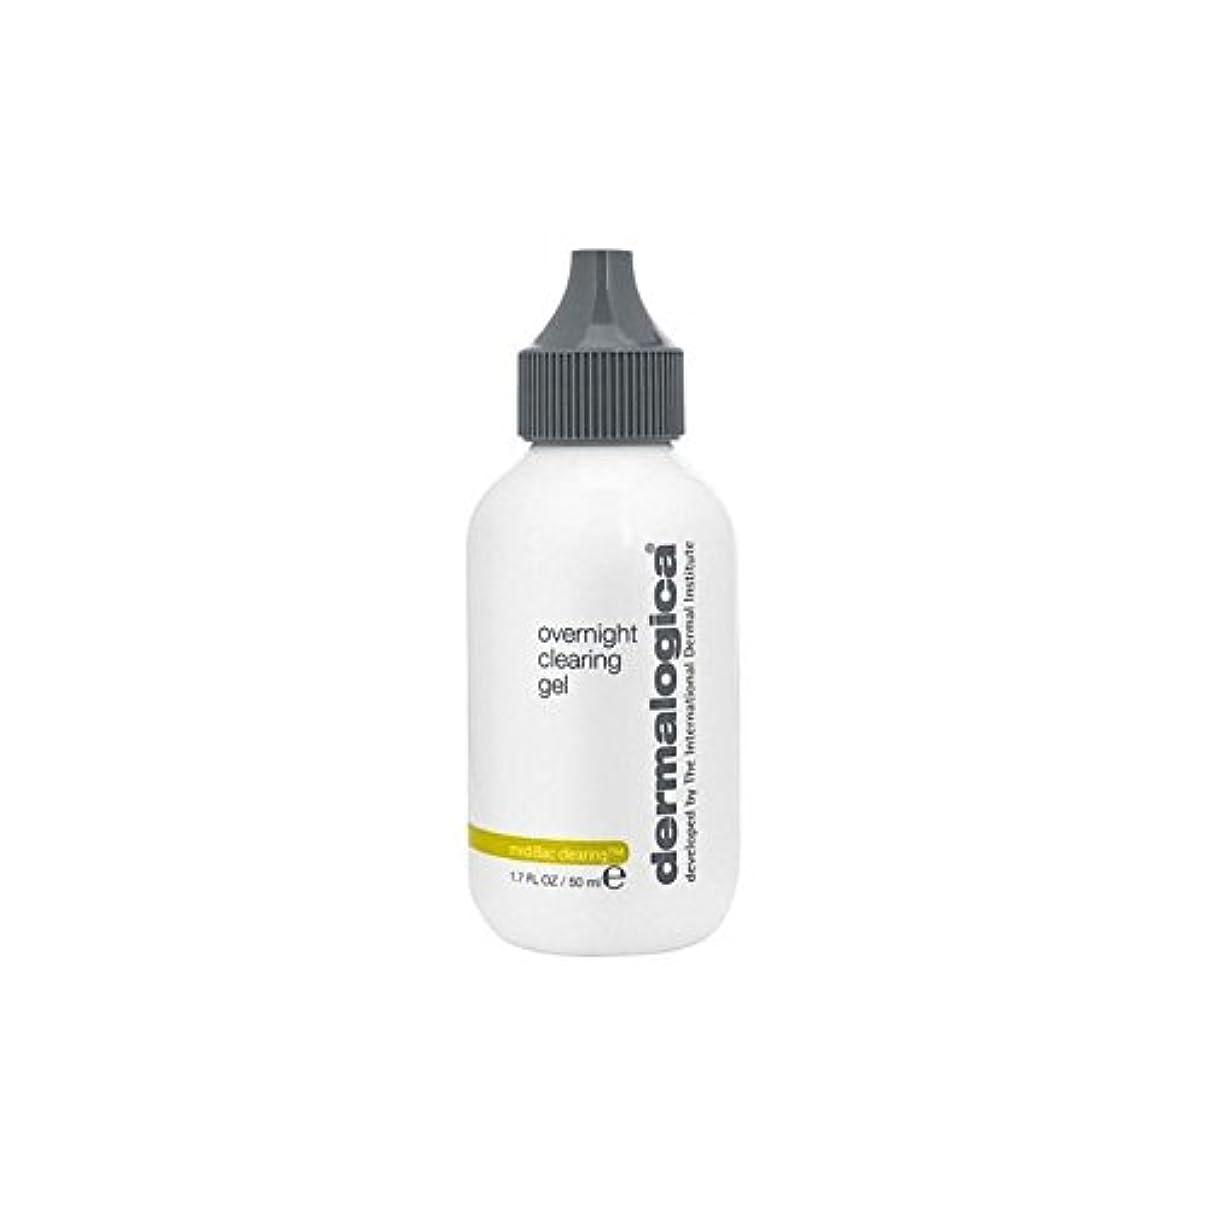 お手伝いさん寓話感嘆Dermalogica Medibac Overnight Clearing Gel (50ml) (Pack of 6) - ダーマロジカ一晩透明ゲル(50)中 x6 [並行輸入品]